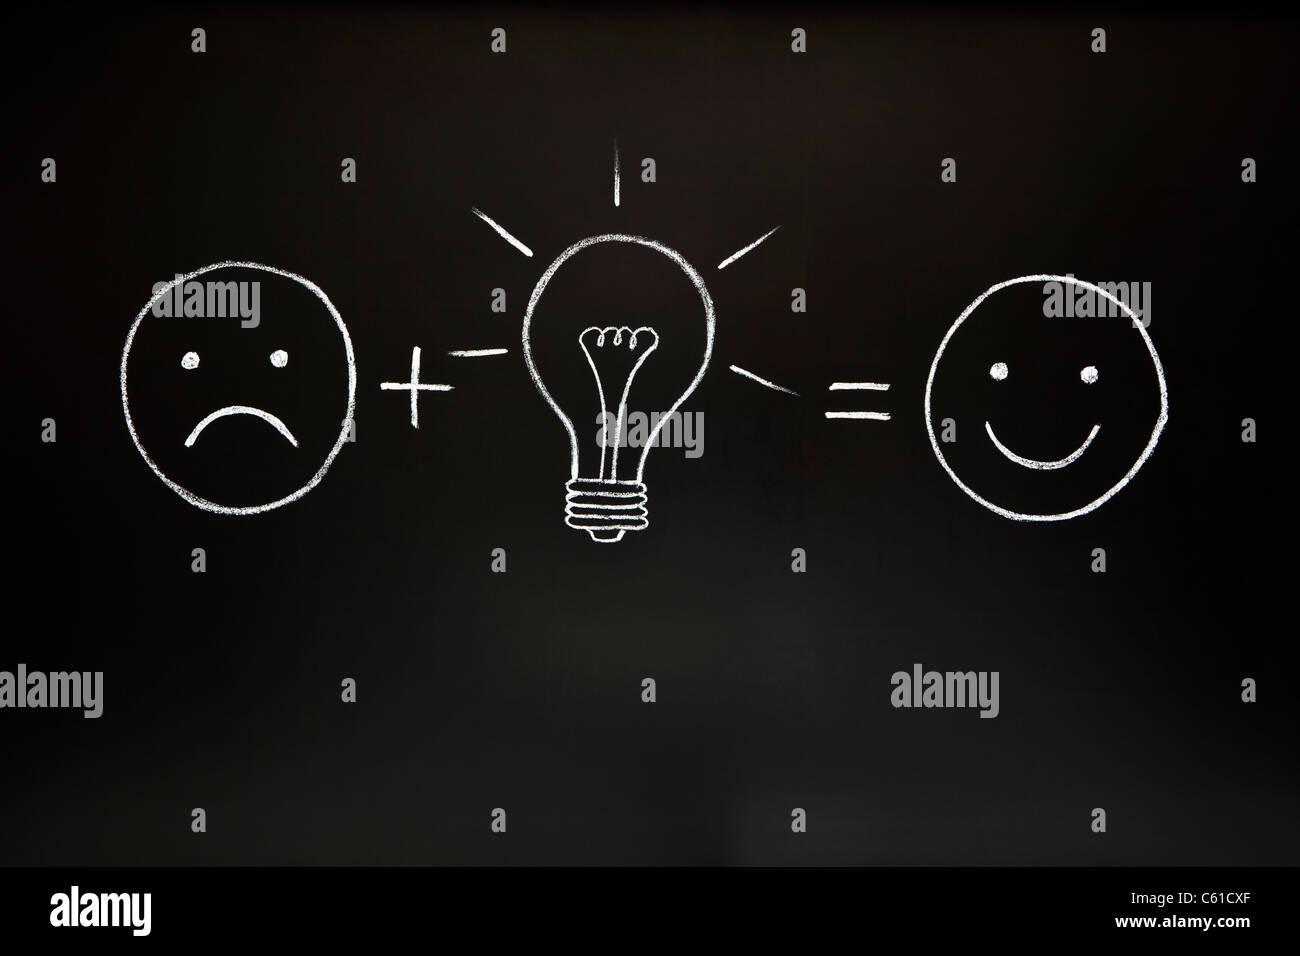 Una buona idea può cambiare tutto! Il concetto di creatività, illustrata con gesso su una lavagna. Immagini Stock